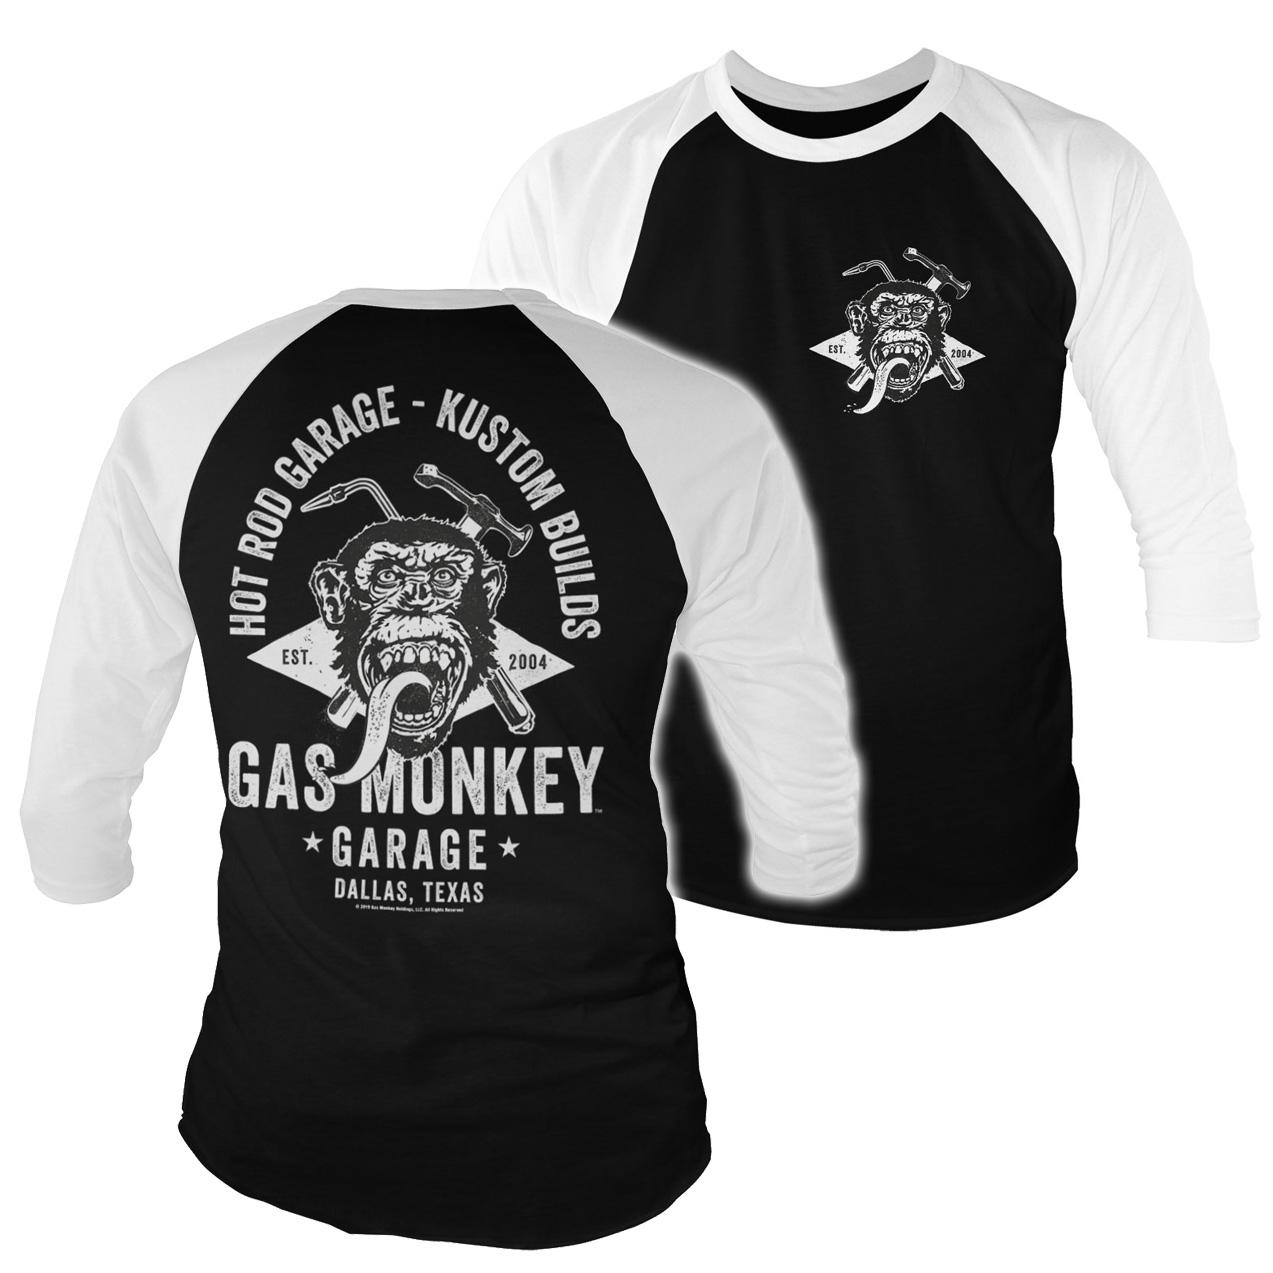 Triko 3/4 Gas Monkey Garage Torch & Hammer - černé-bílé, S